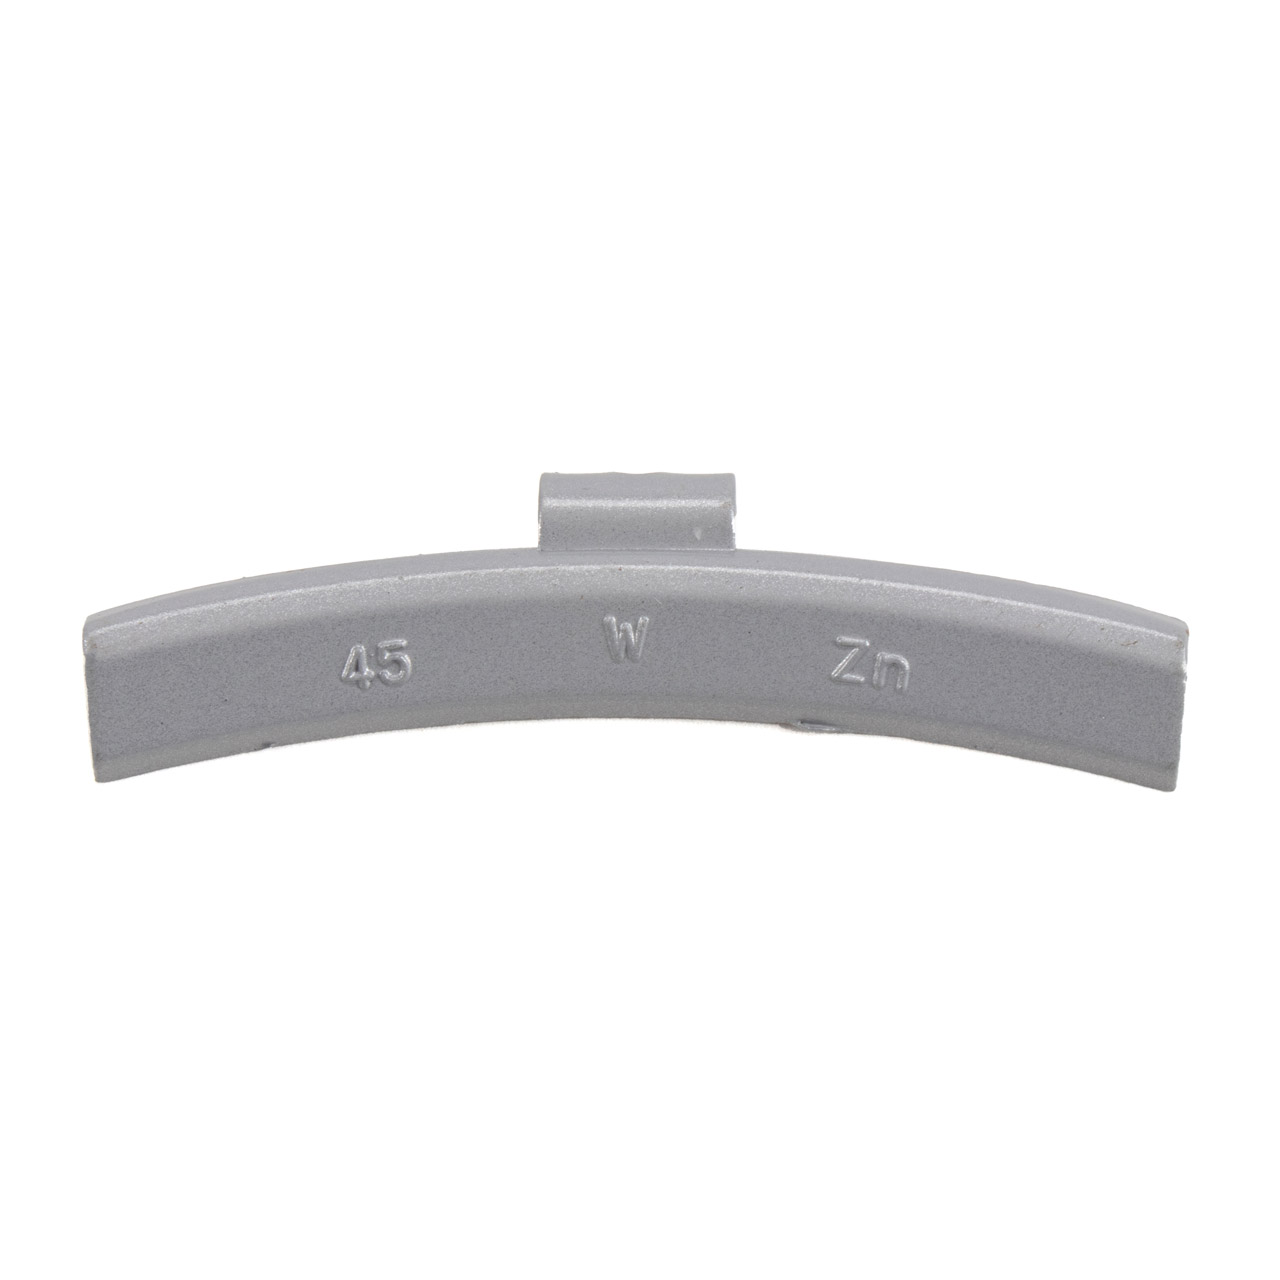 GEMATIC Auswuchtgewicht Schlaggewicht für Alufelge GRAU-ZINK 50 Stück x 45g